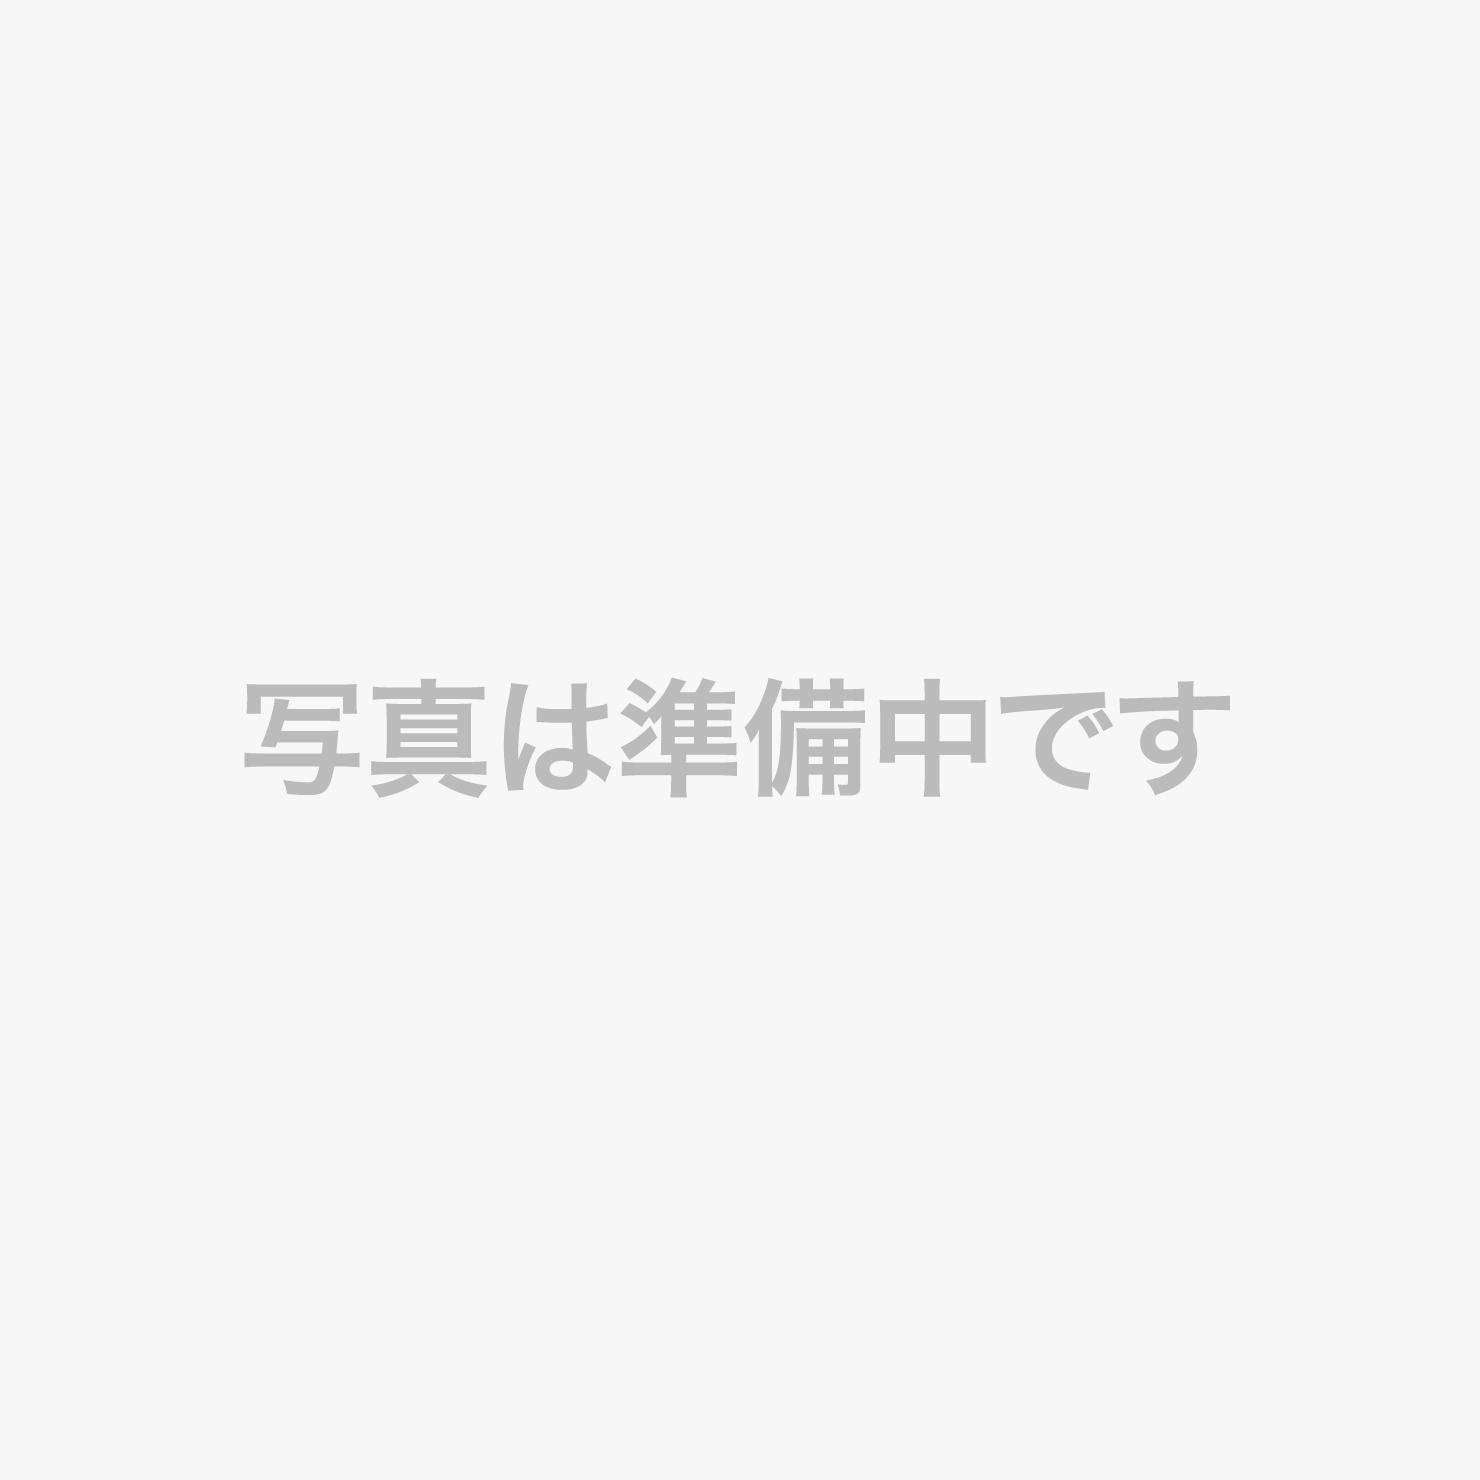 【蟹料理】(イメージ)